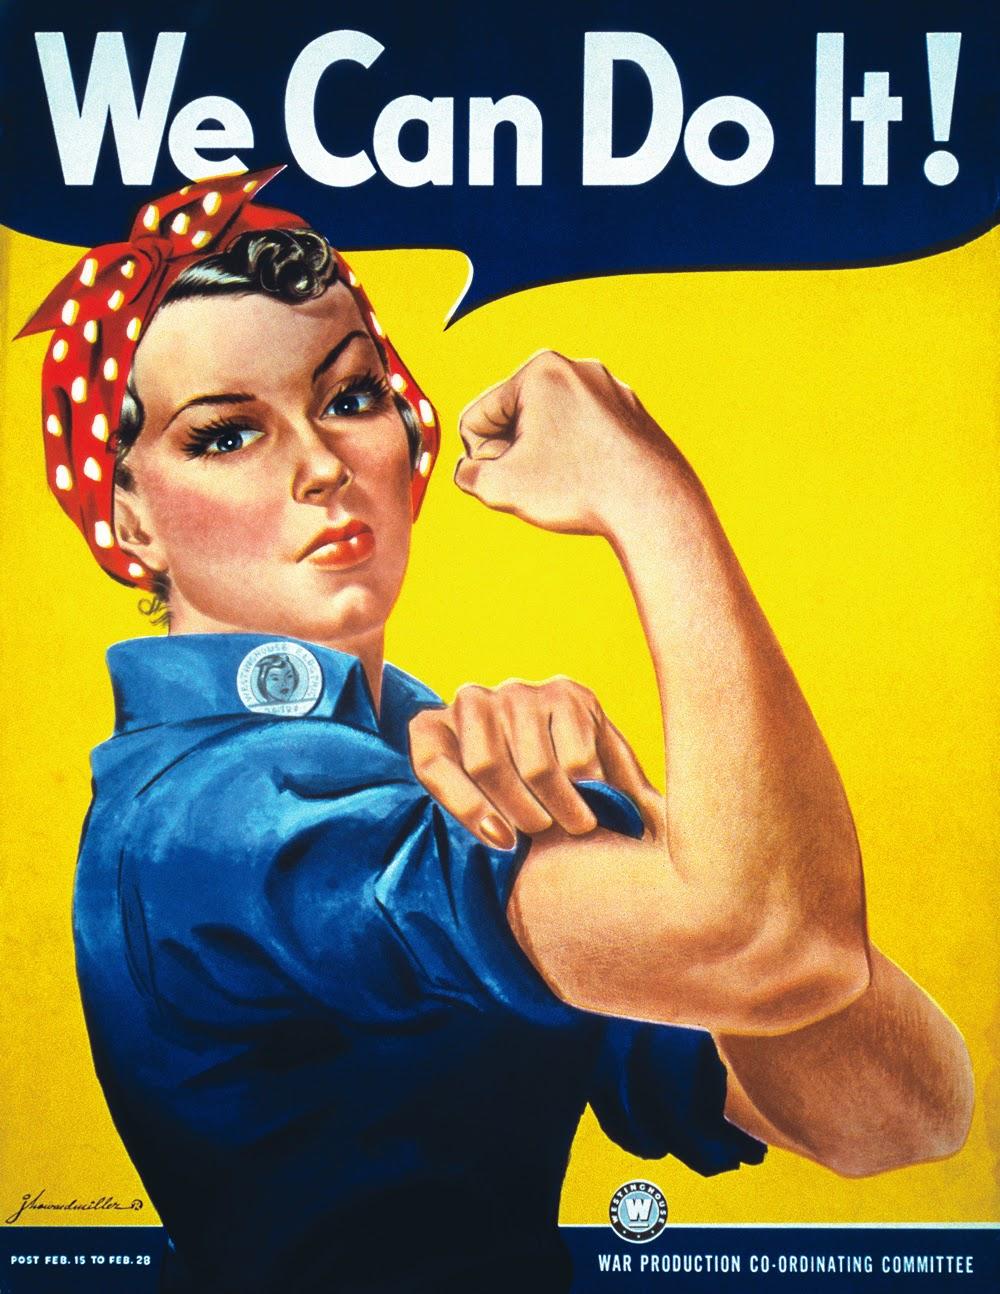 Pinzellades Al Món 8 Març 2015 Dia De La Dona Treballadora We Can Do It Cartell Versionat